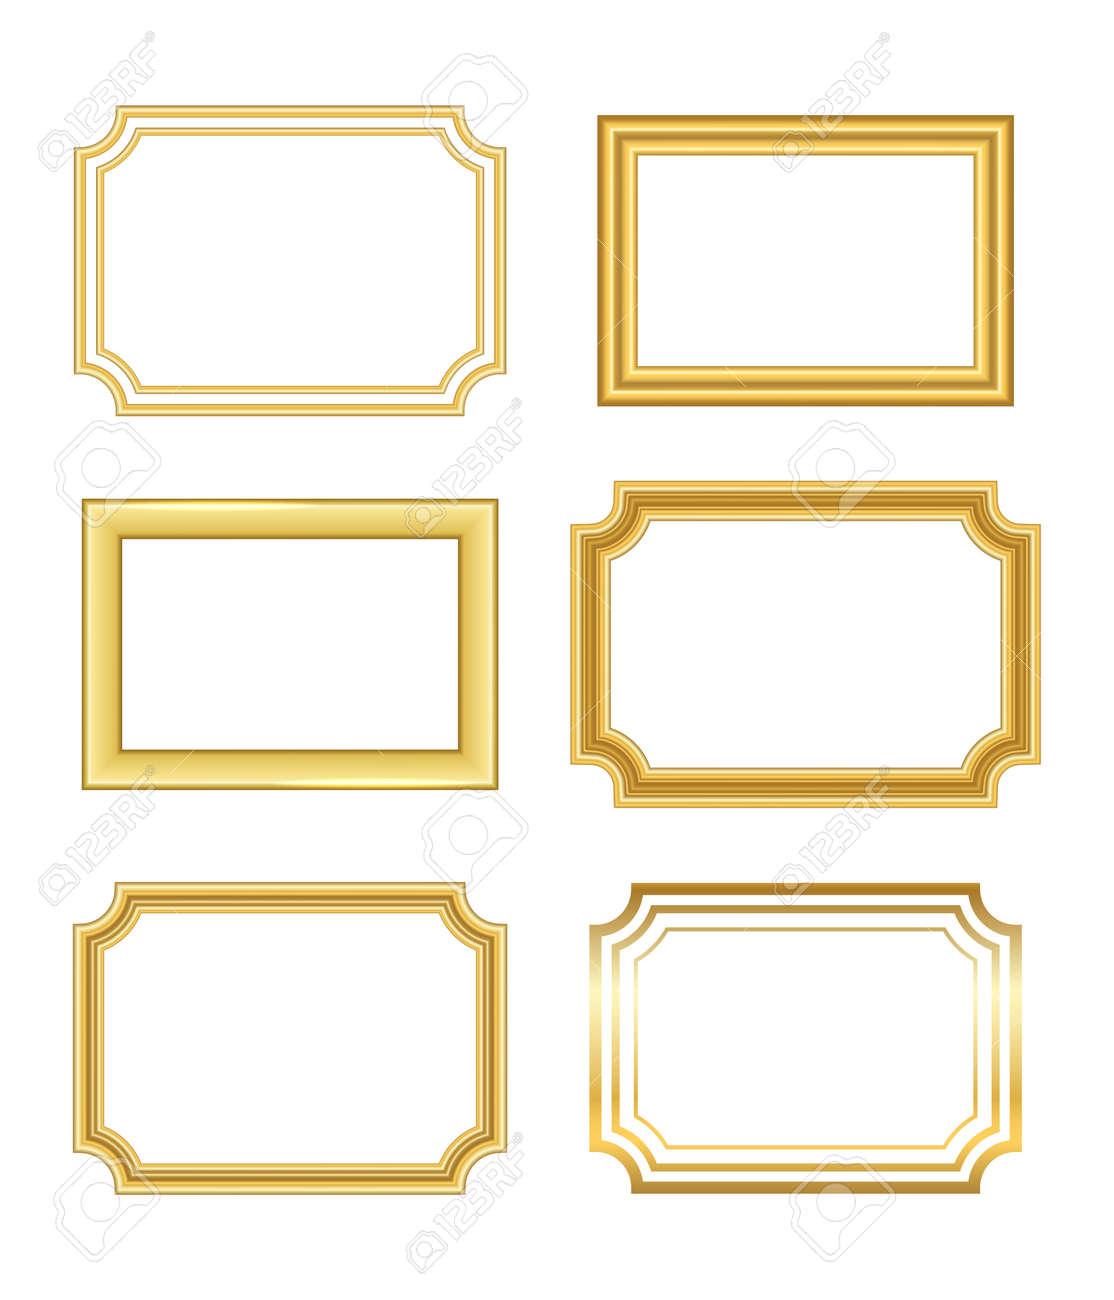 Marco Dorado Hermoso Diseño Dorado Simple. Frontera Decorativa Del ...